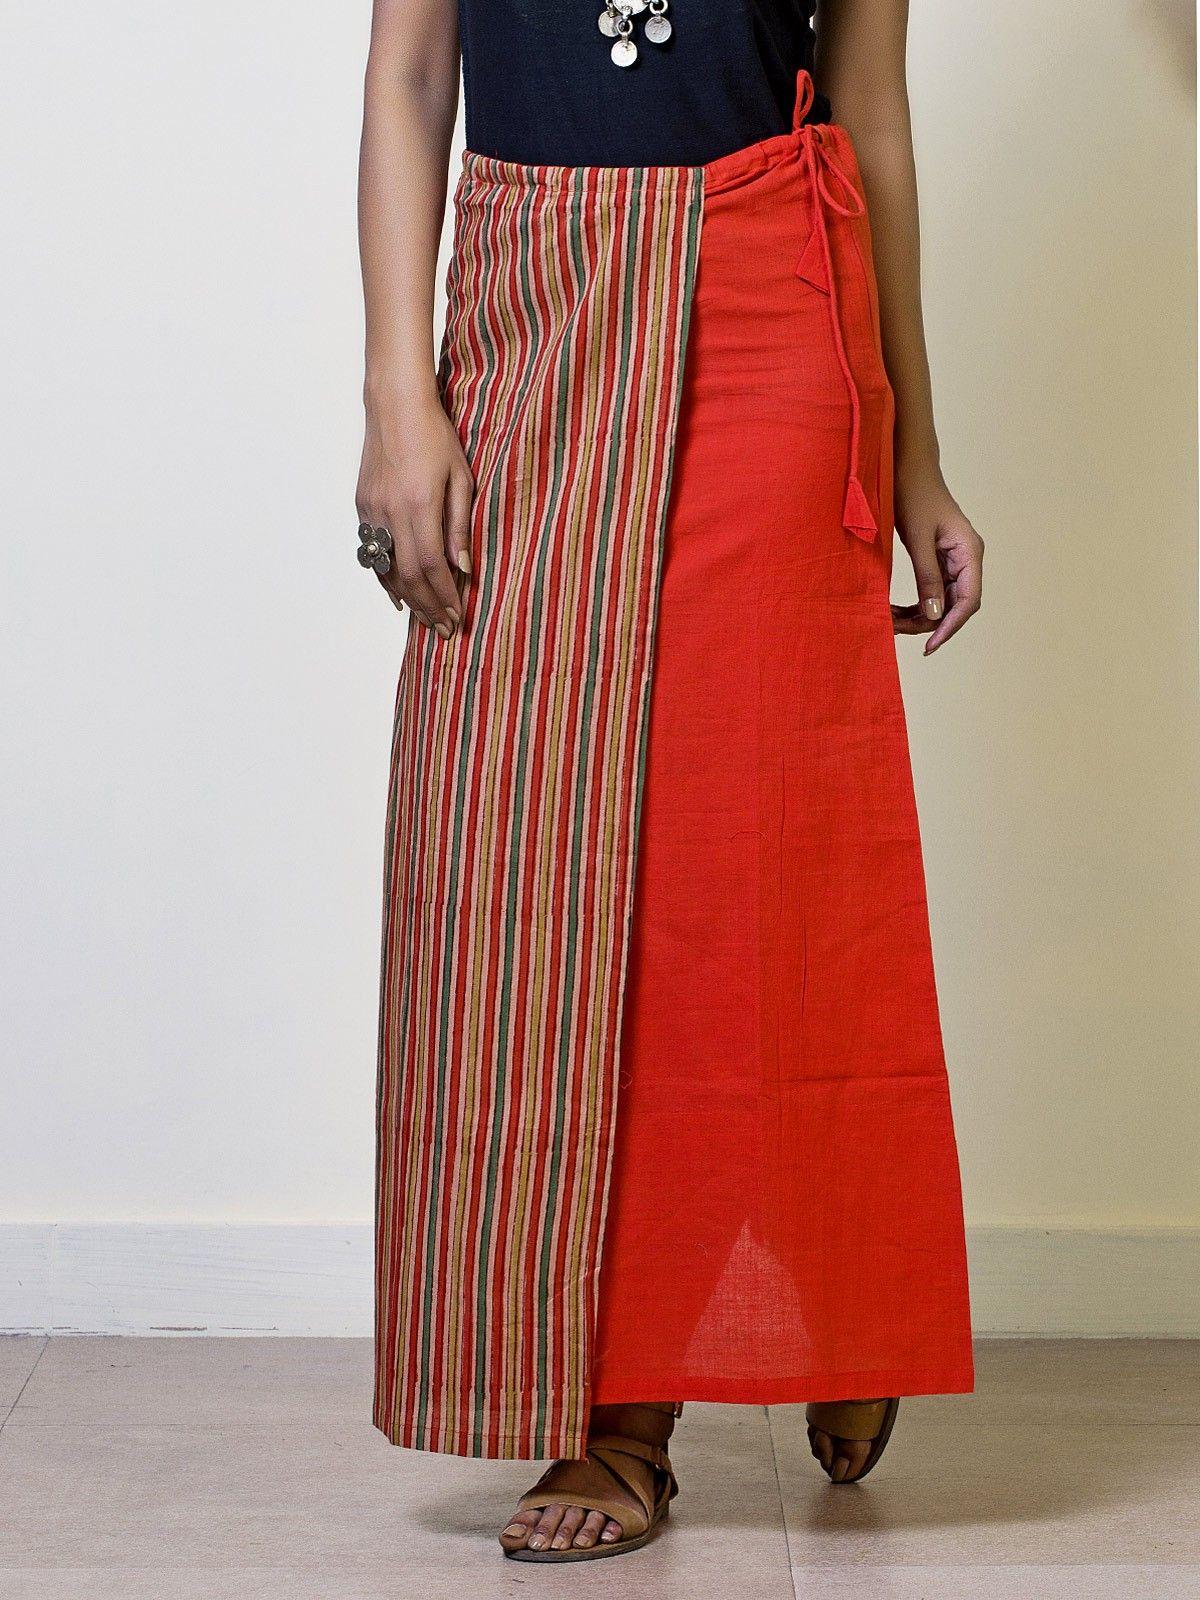 Tangerine Cotton Straight Maxi Skirt